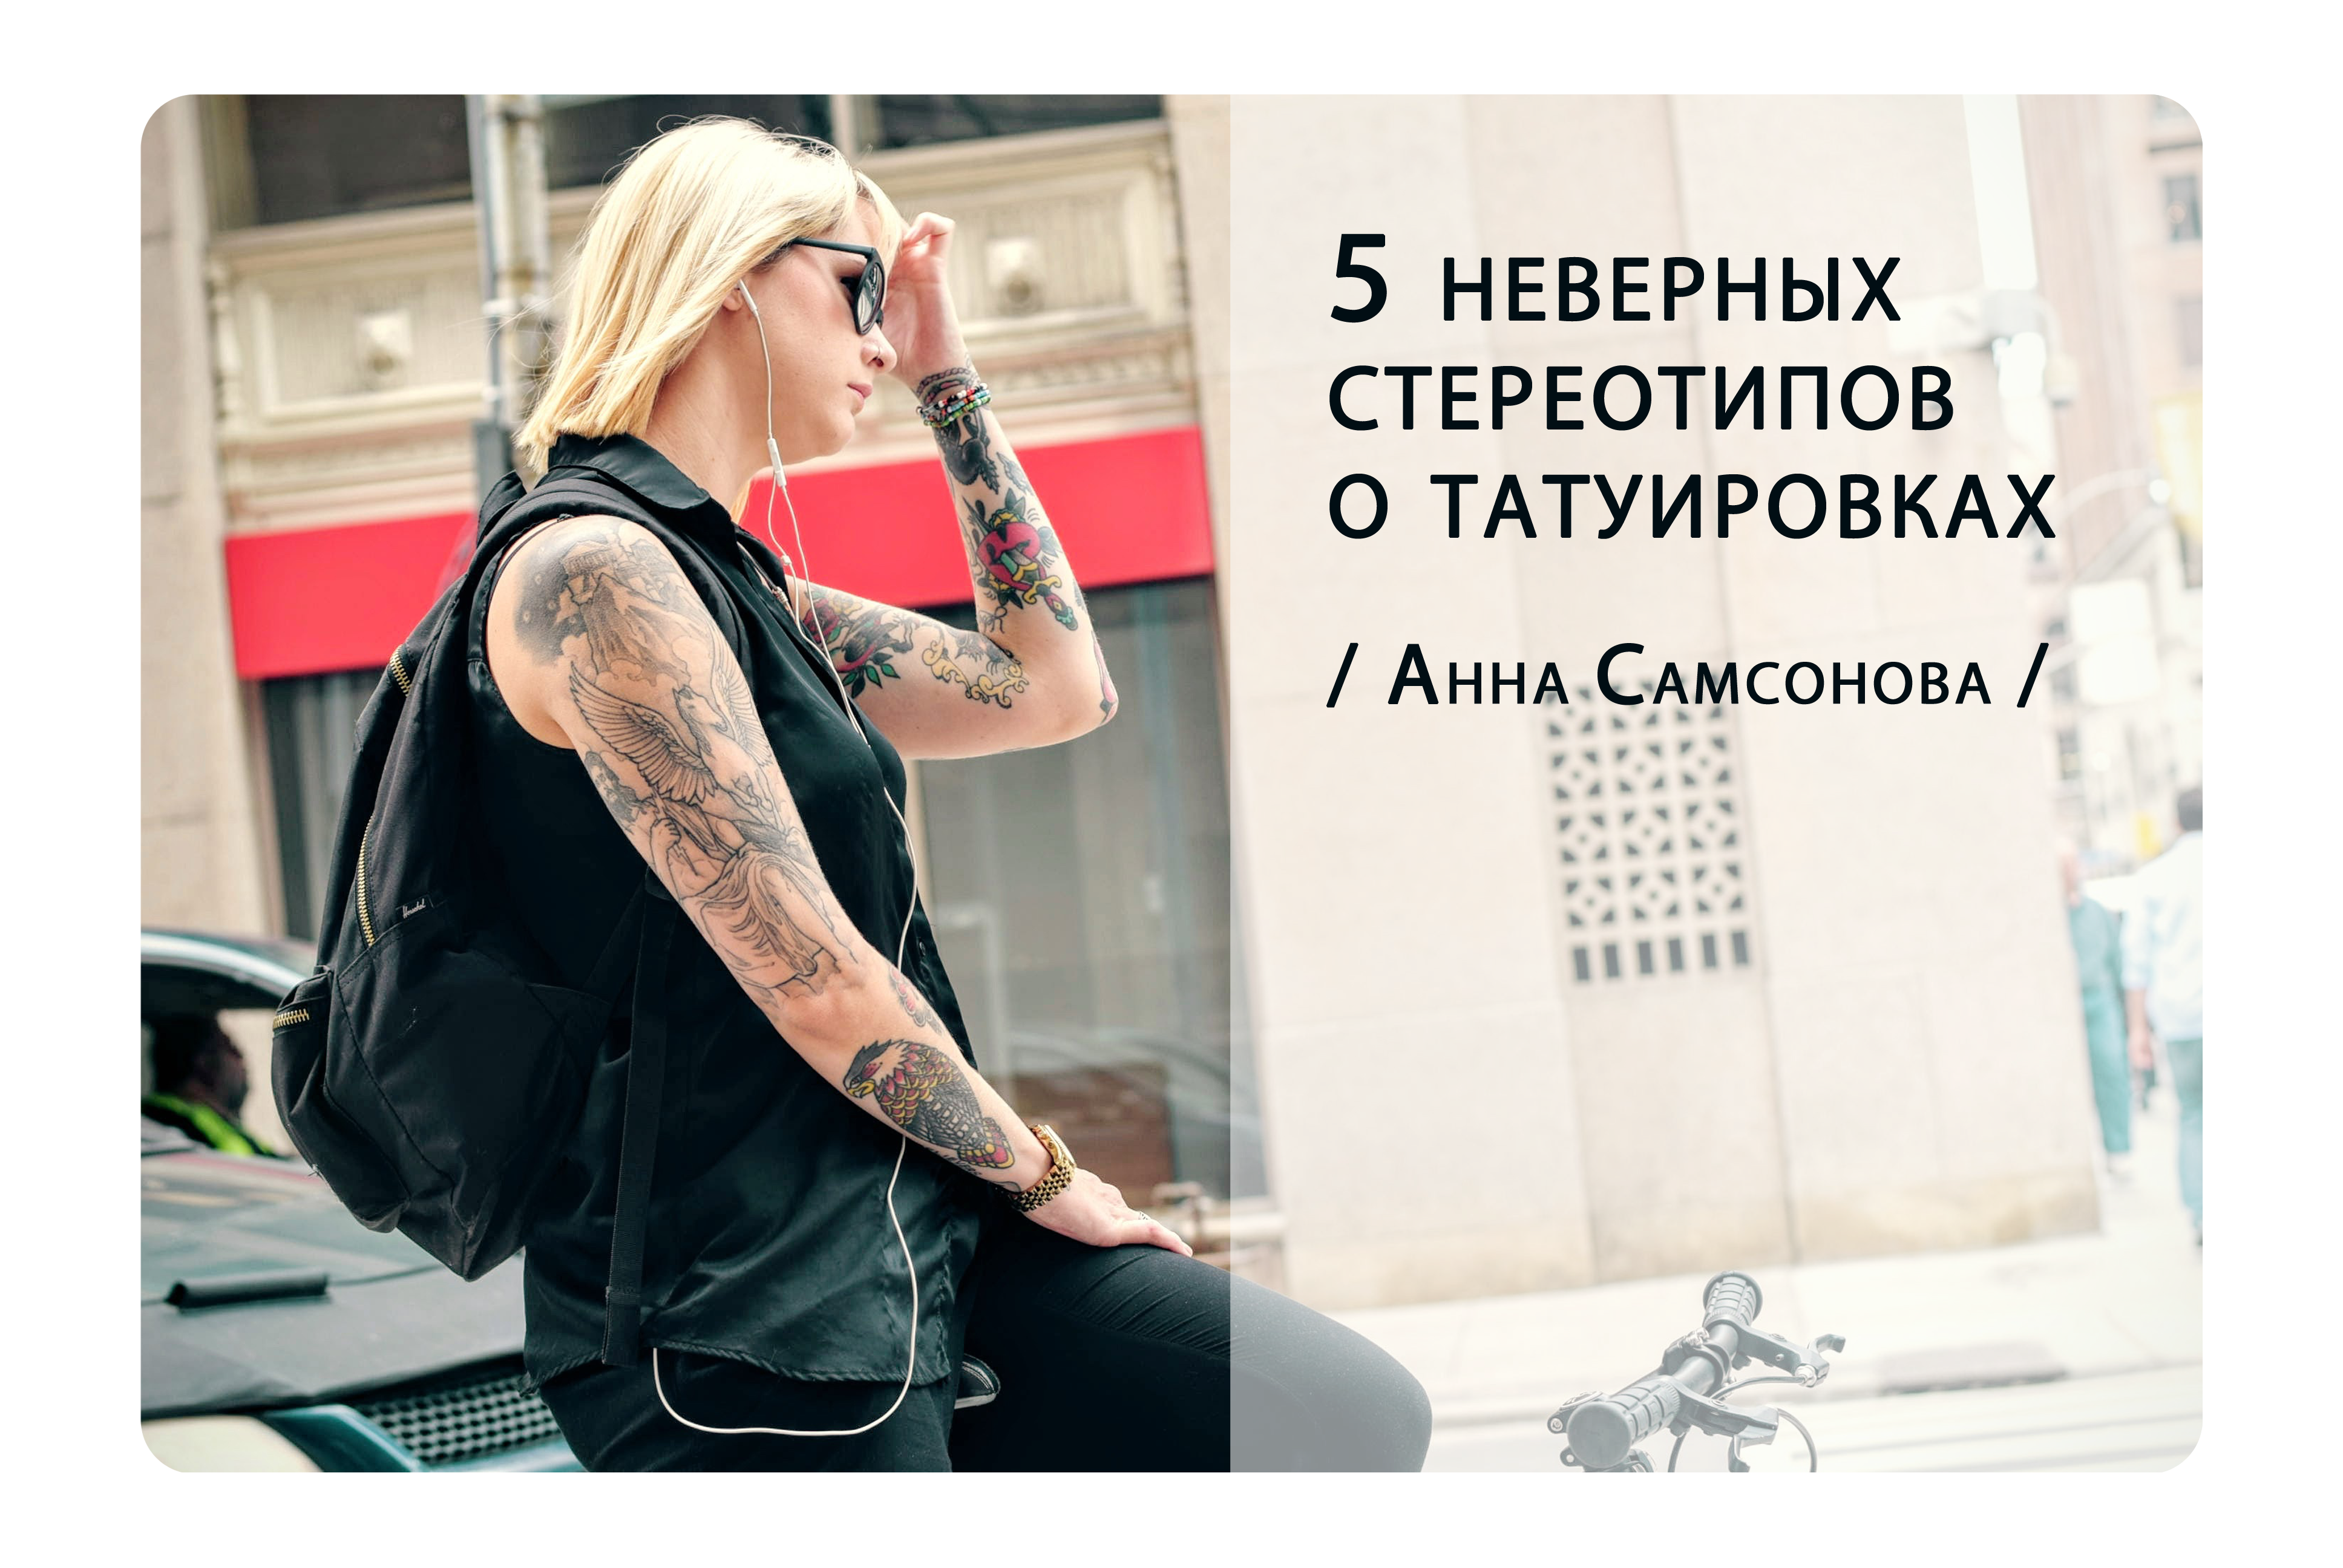 Стереотипы о татуировках